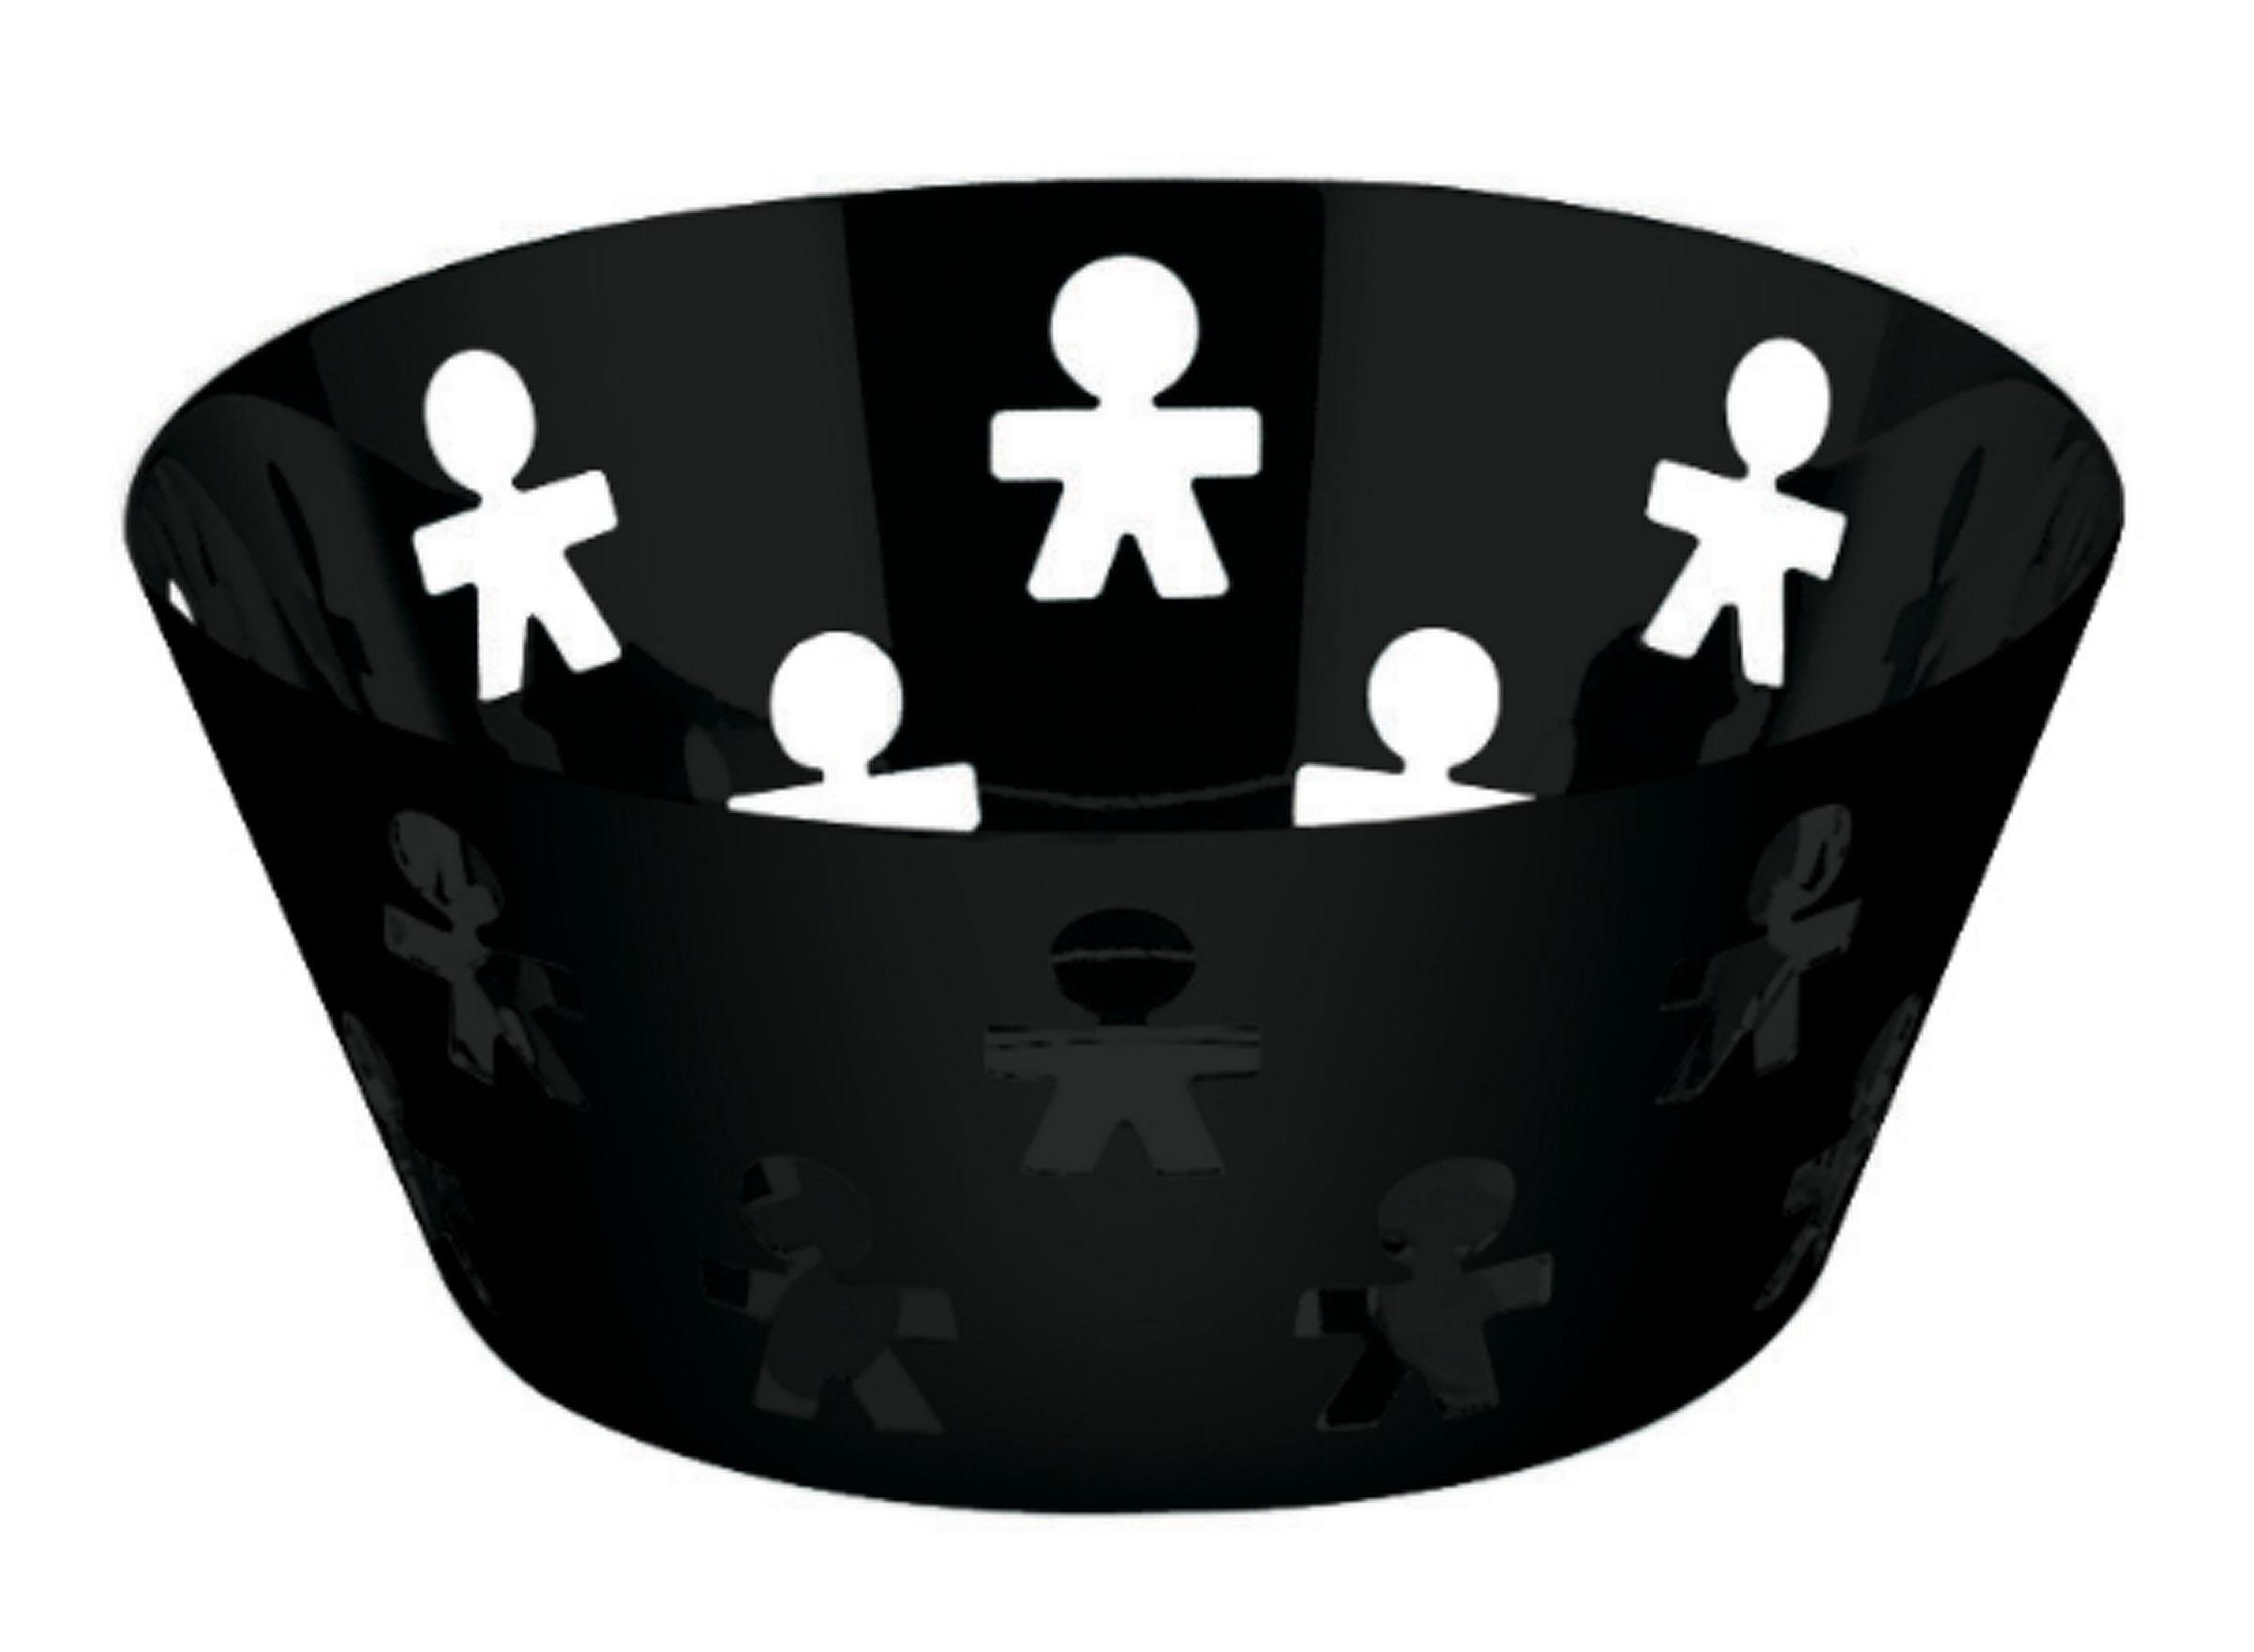 Tischkultur - Körbe, Fruchtkörbe und Tischgestecke - Girotondo Korb Ø 20,5 cm - A di Alessi - Schwarz - Ø 20,5 cm - rostfreier Stahl